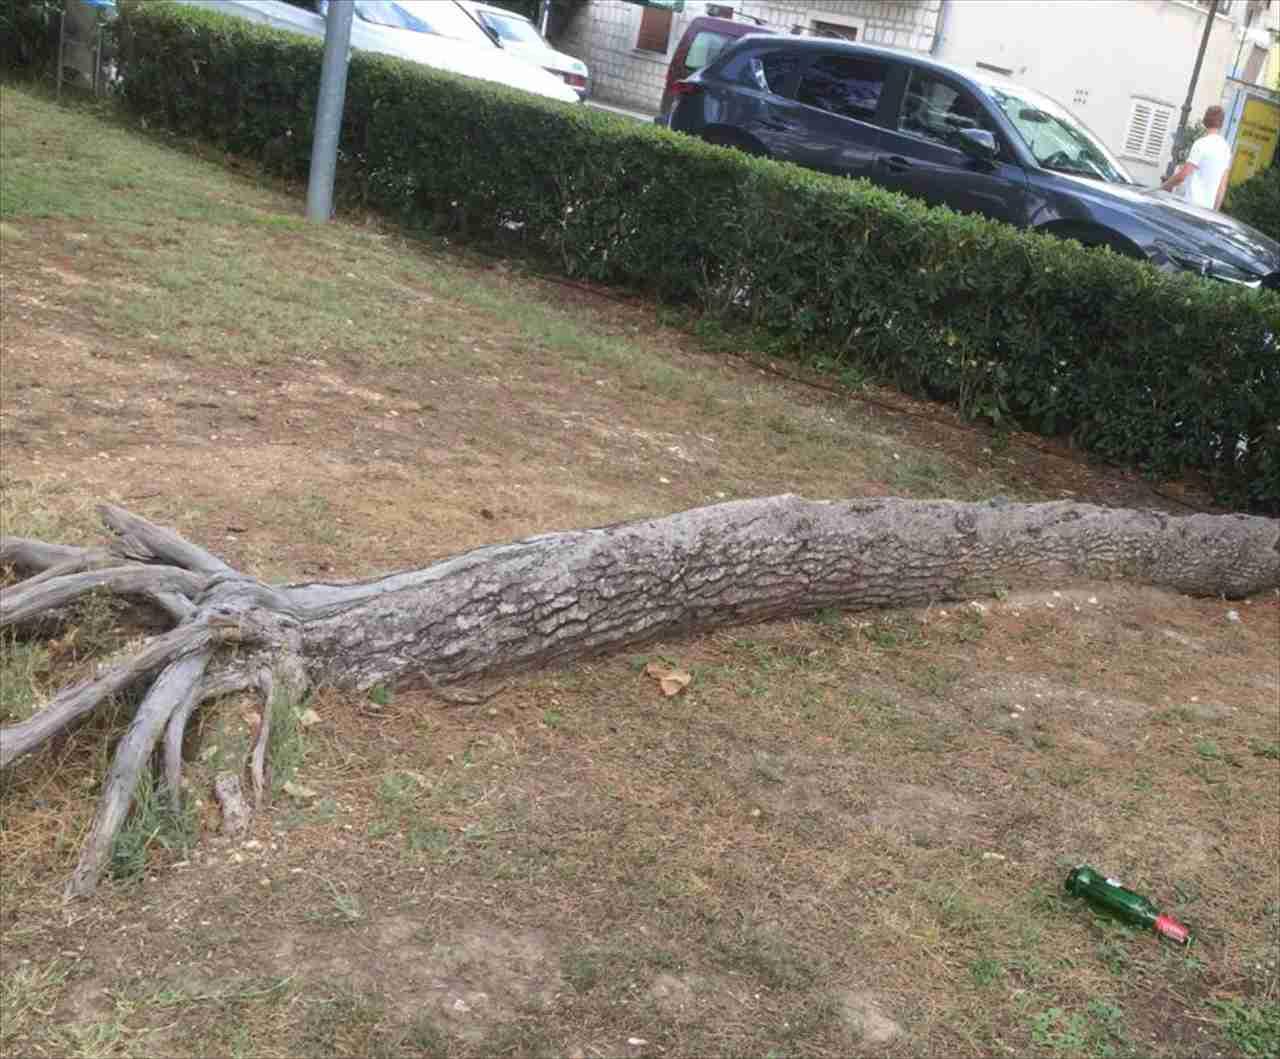 完全に倒れたはずの木が凄いことに!木の生命力を思い知らされる信じがたい光景が話題に!